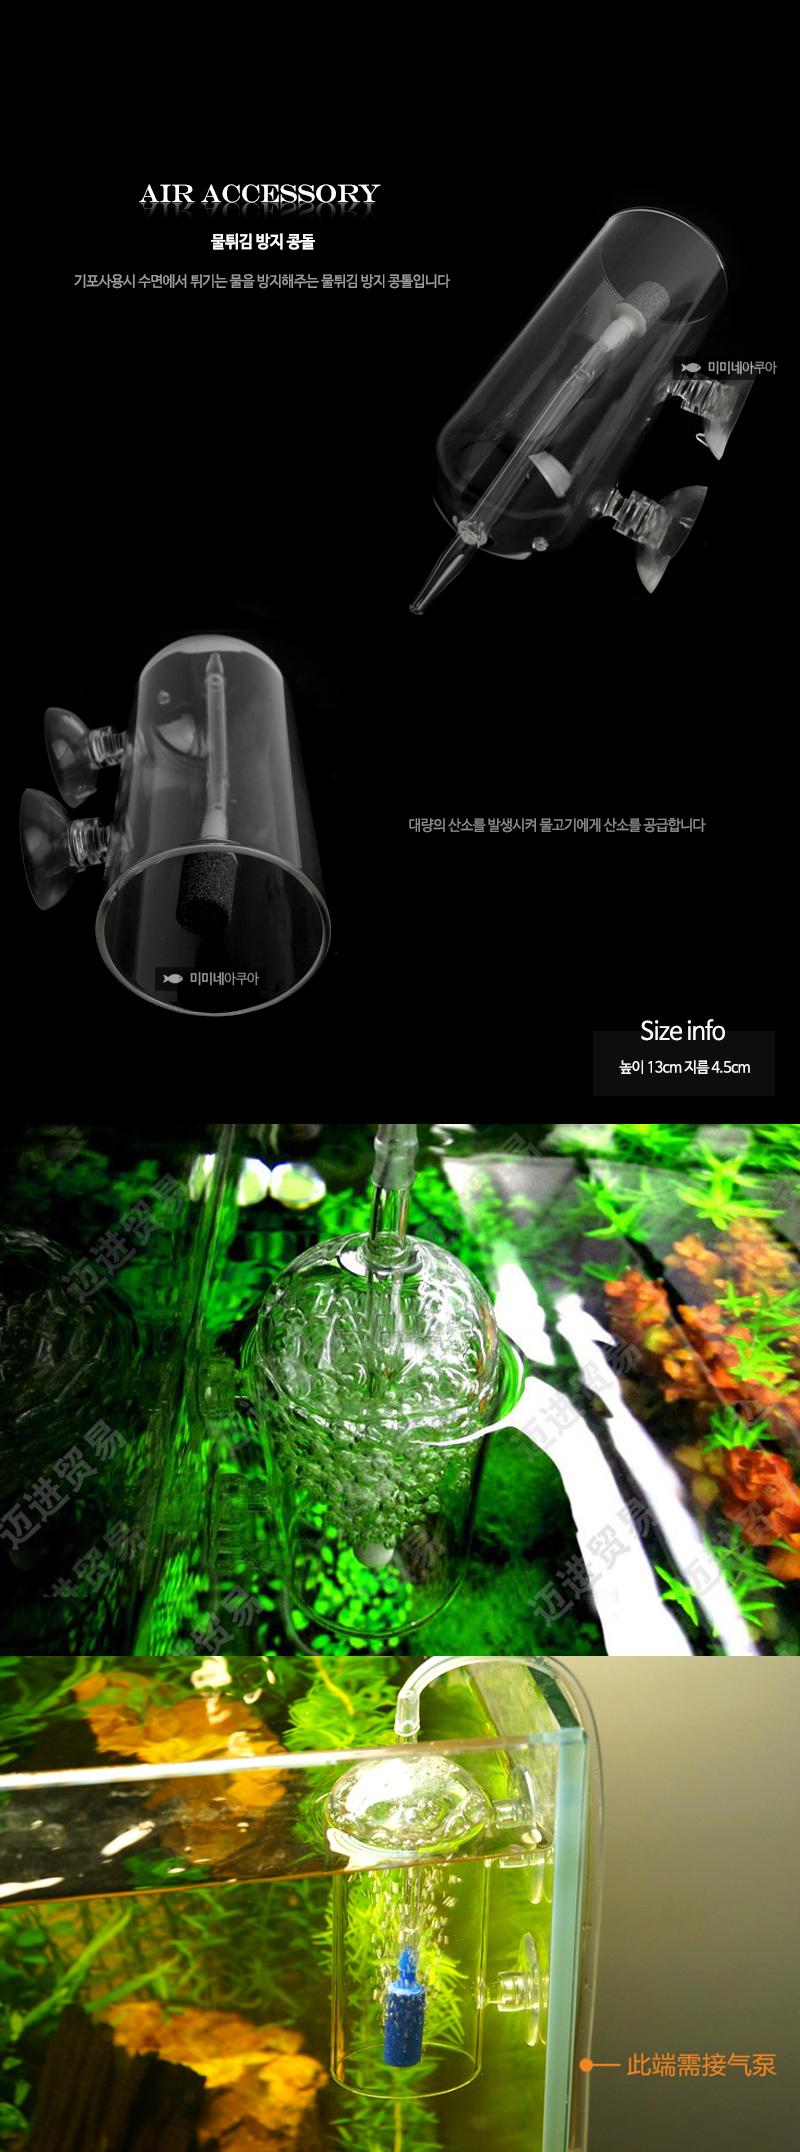 물튀김방지 콩돌 (대량 어항산소공급) - 미미네아쿠아, 6,500원, 부속품, 산소기/수중모터